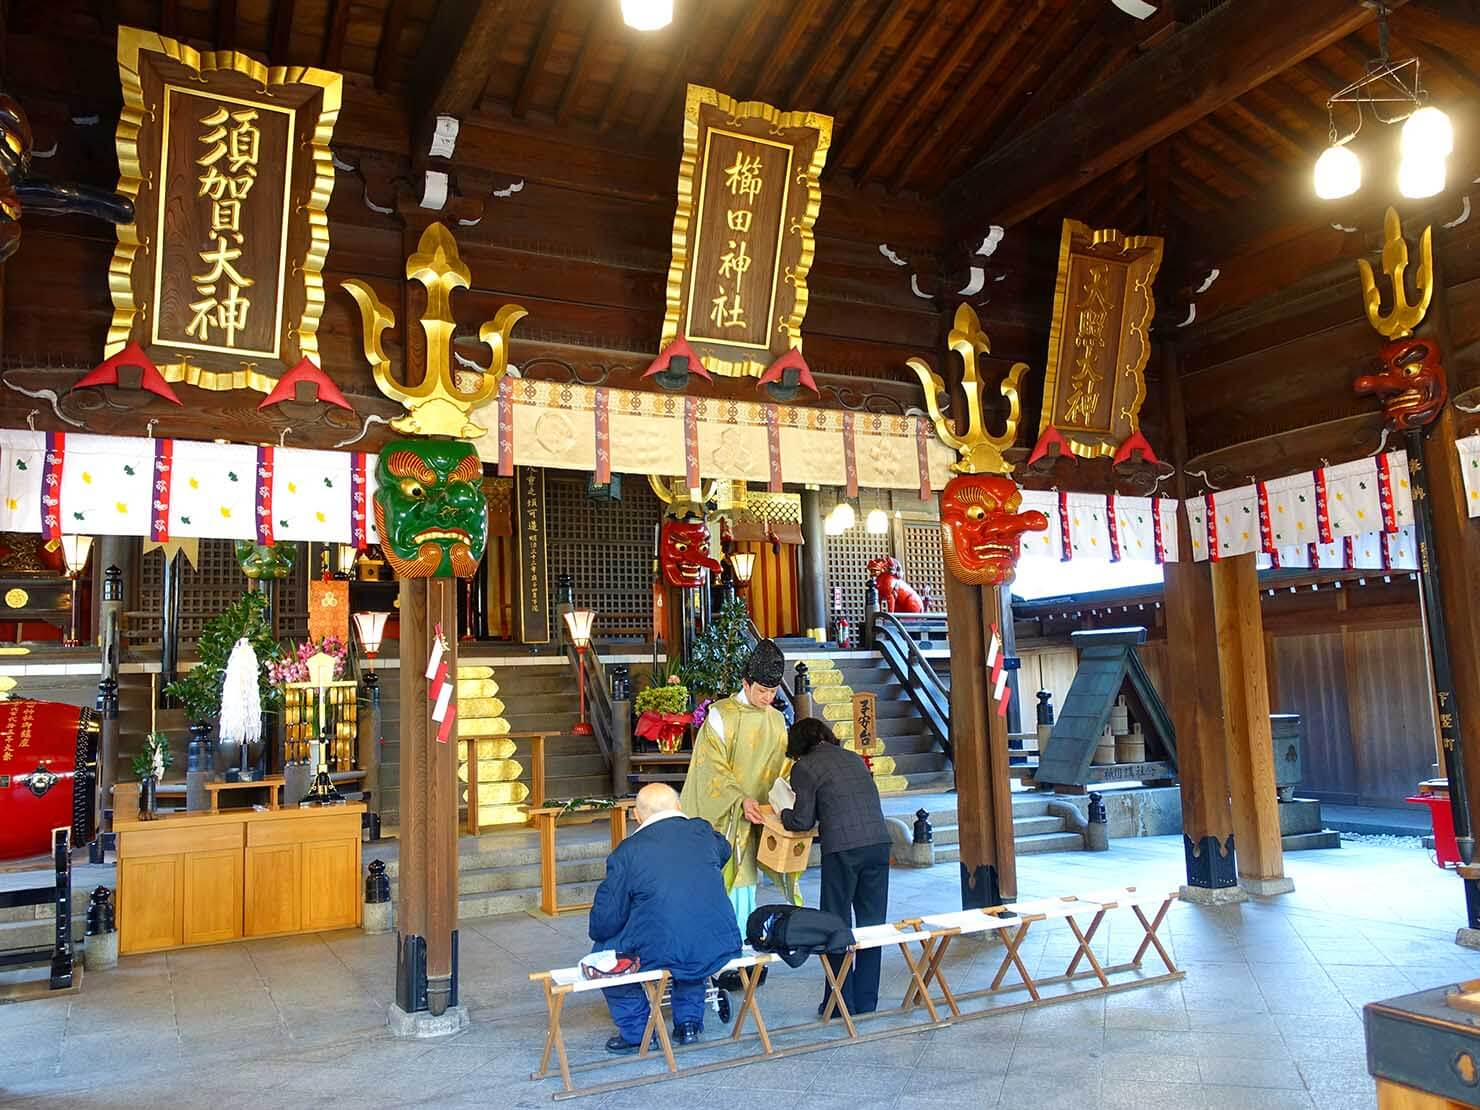 福岡・櫛田神社でお祈りをする参拝者